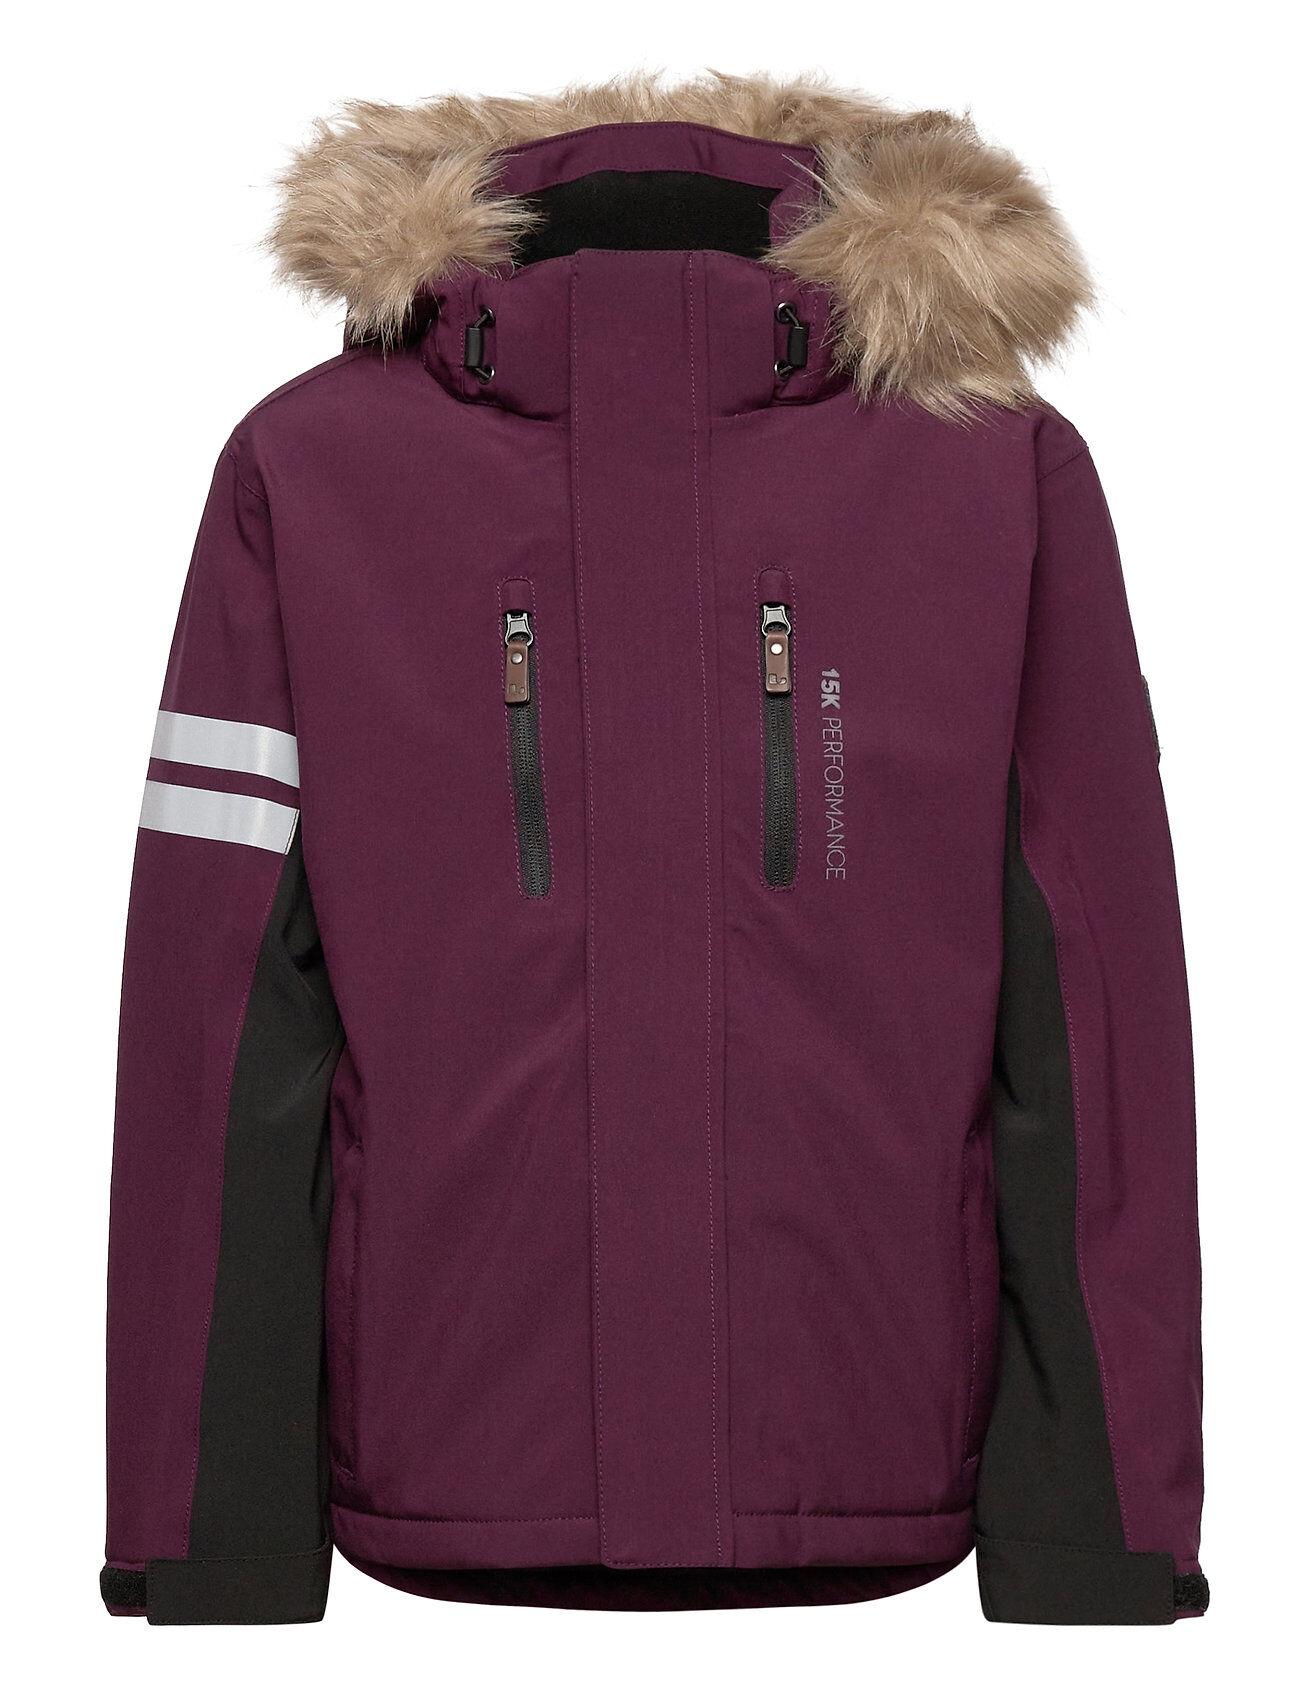 Lindberg Sweden Colden Jacket Outerwear Snow/ski Clothing Snow/ski Jacket Vaaleanpunainen Lindberg Sweden